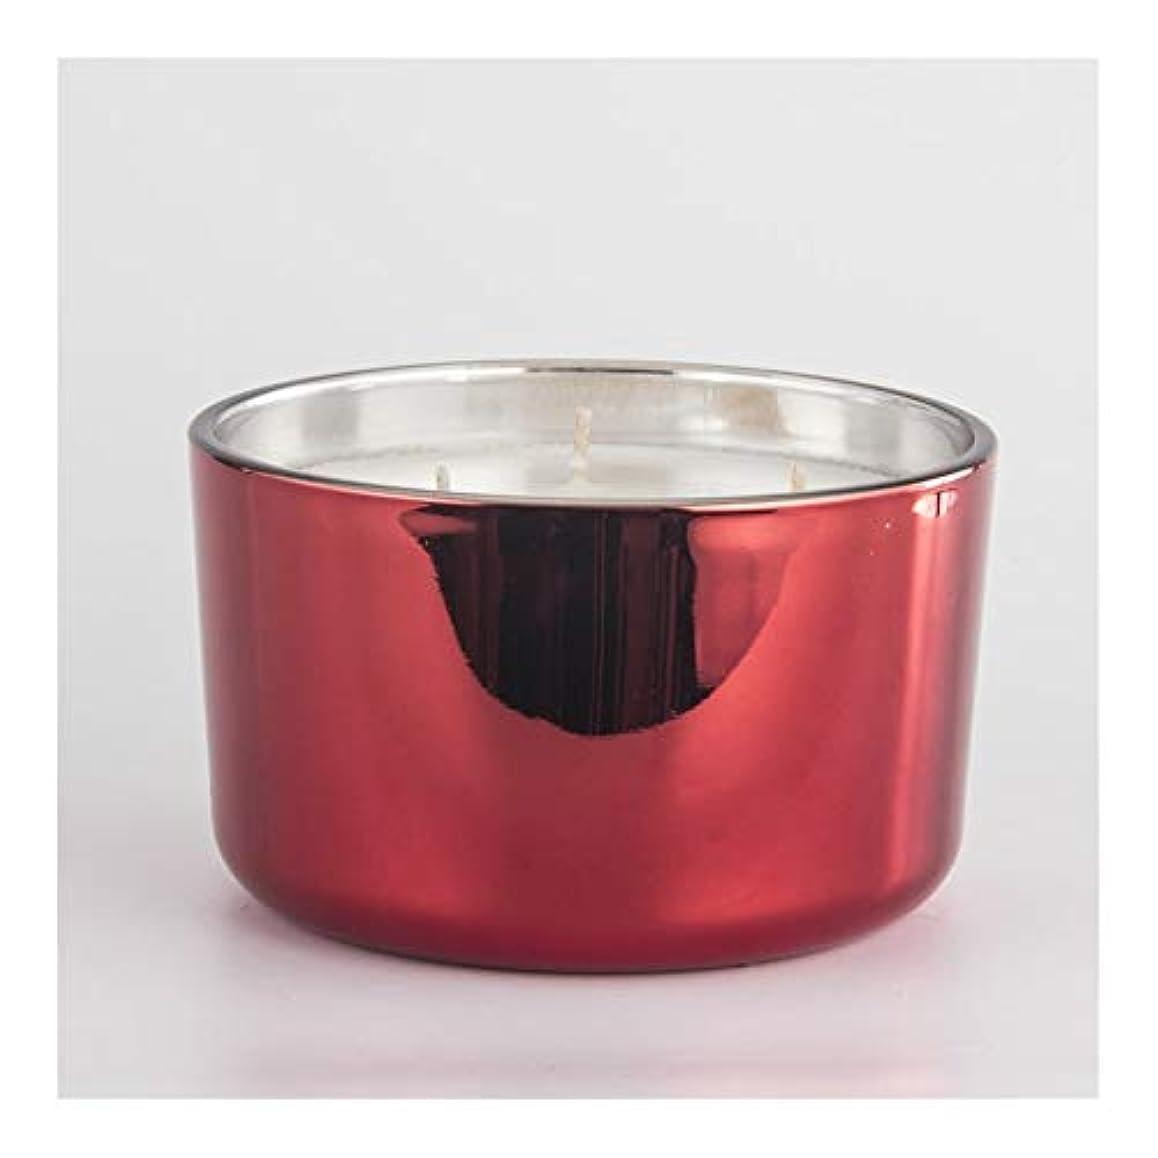 支払うマスクユニークなACAO キャンドルカップ香料入りキャンドル鉢植えワックスカップキャンドルカップ電着赤3芯カップガラスカップワックス